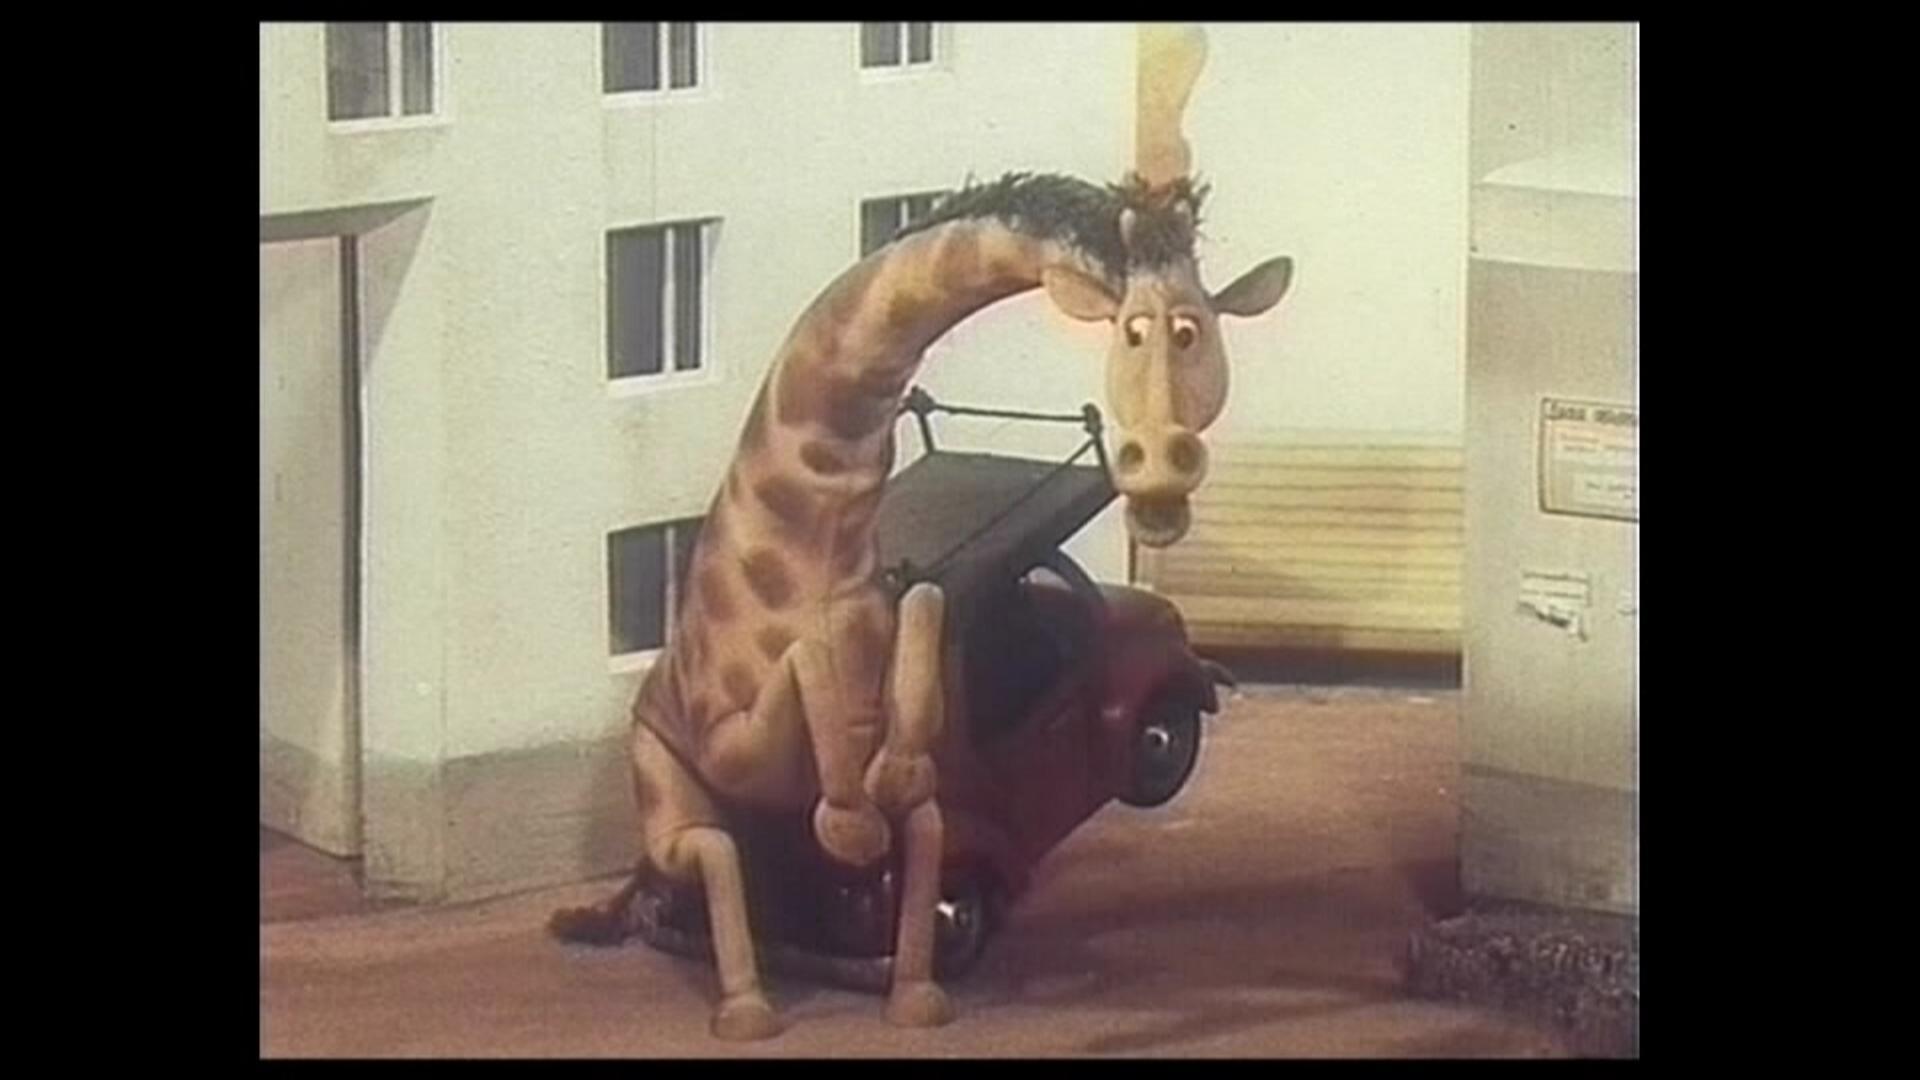 V zooparke - remont! (1987)